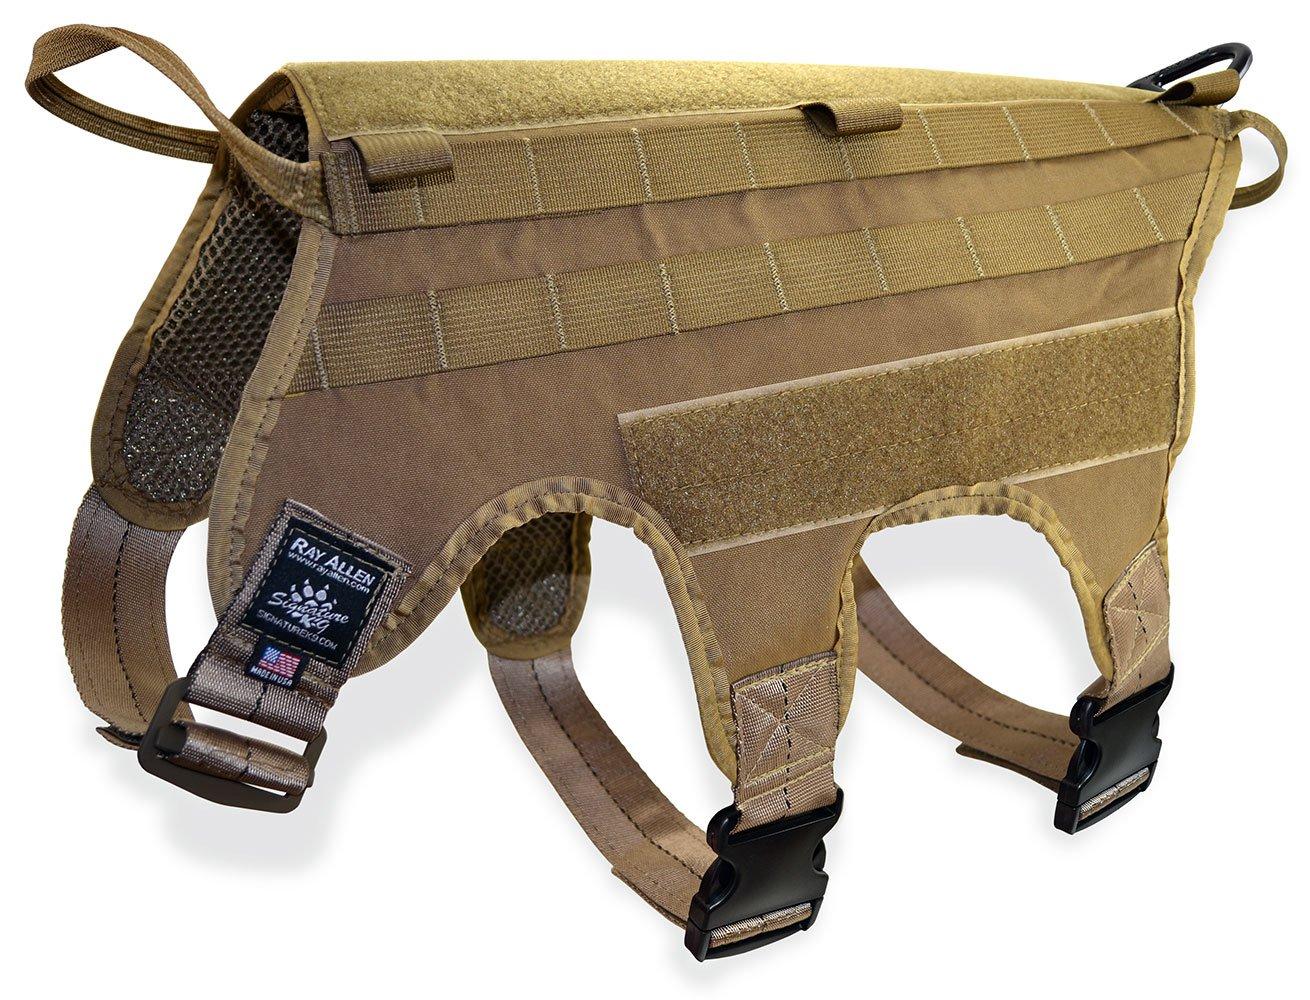 Signature K9 Modular Ultimate Load Bearing Harness, Coyote Brown